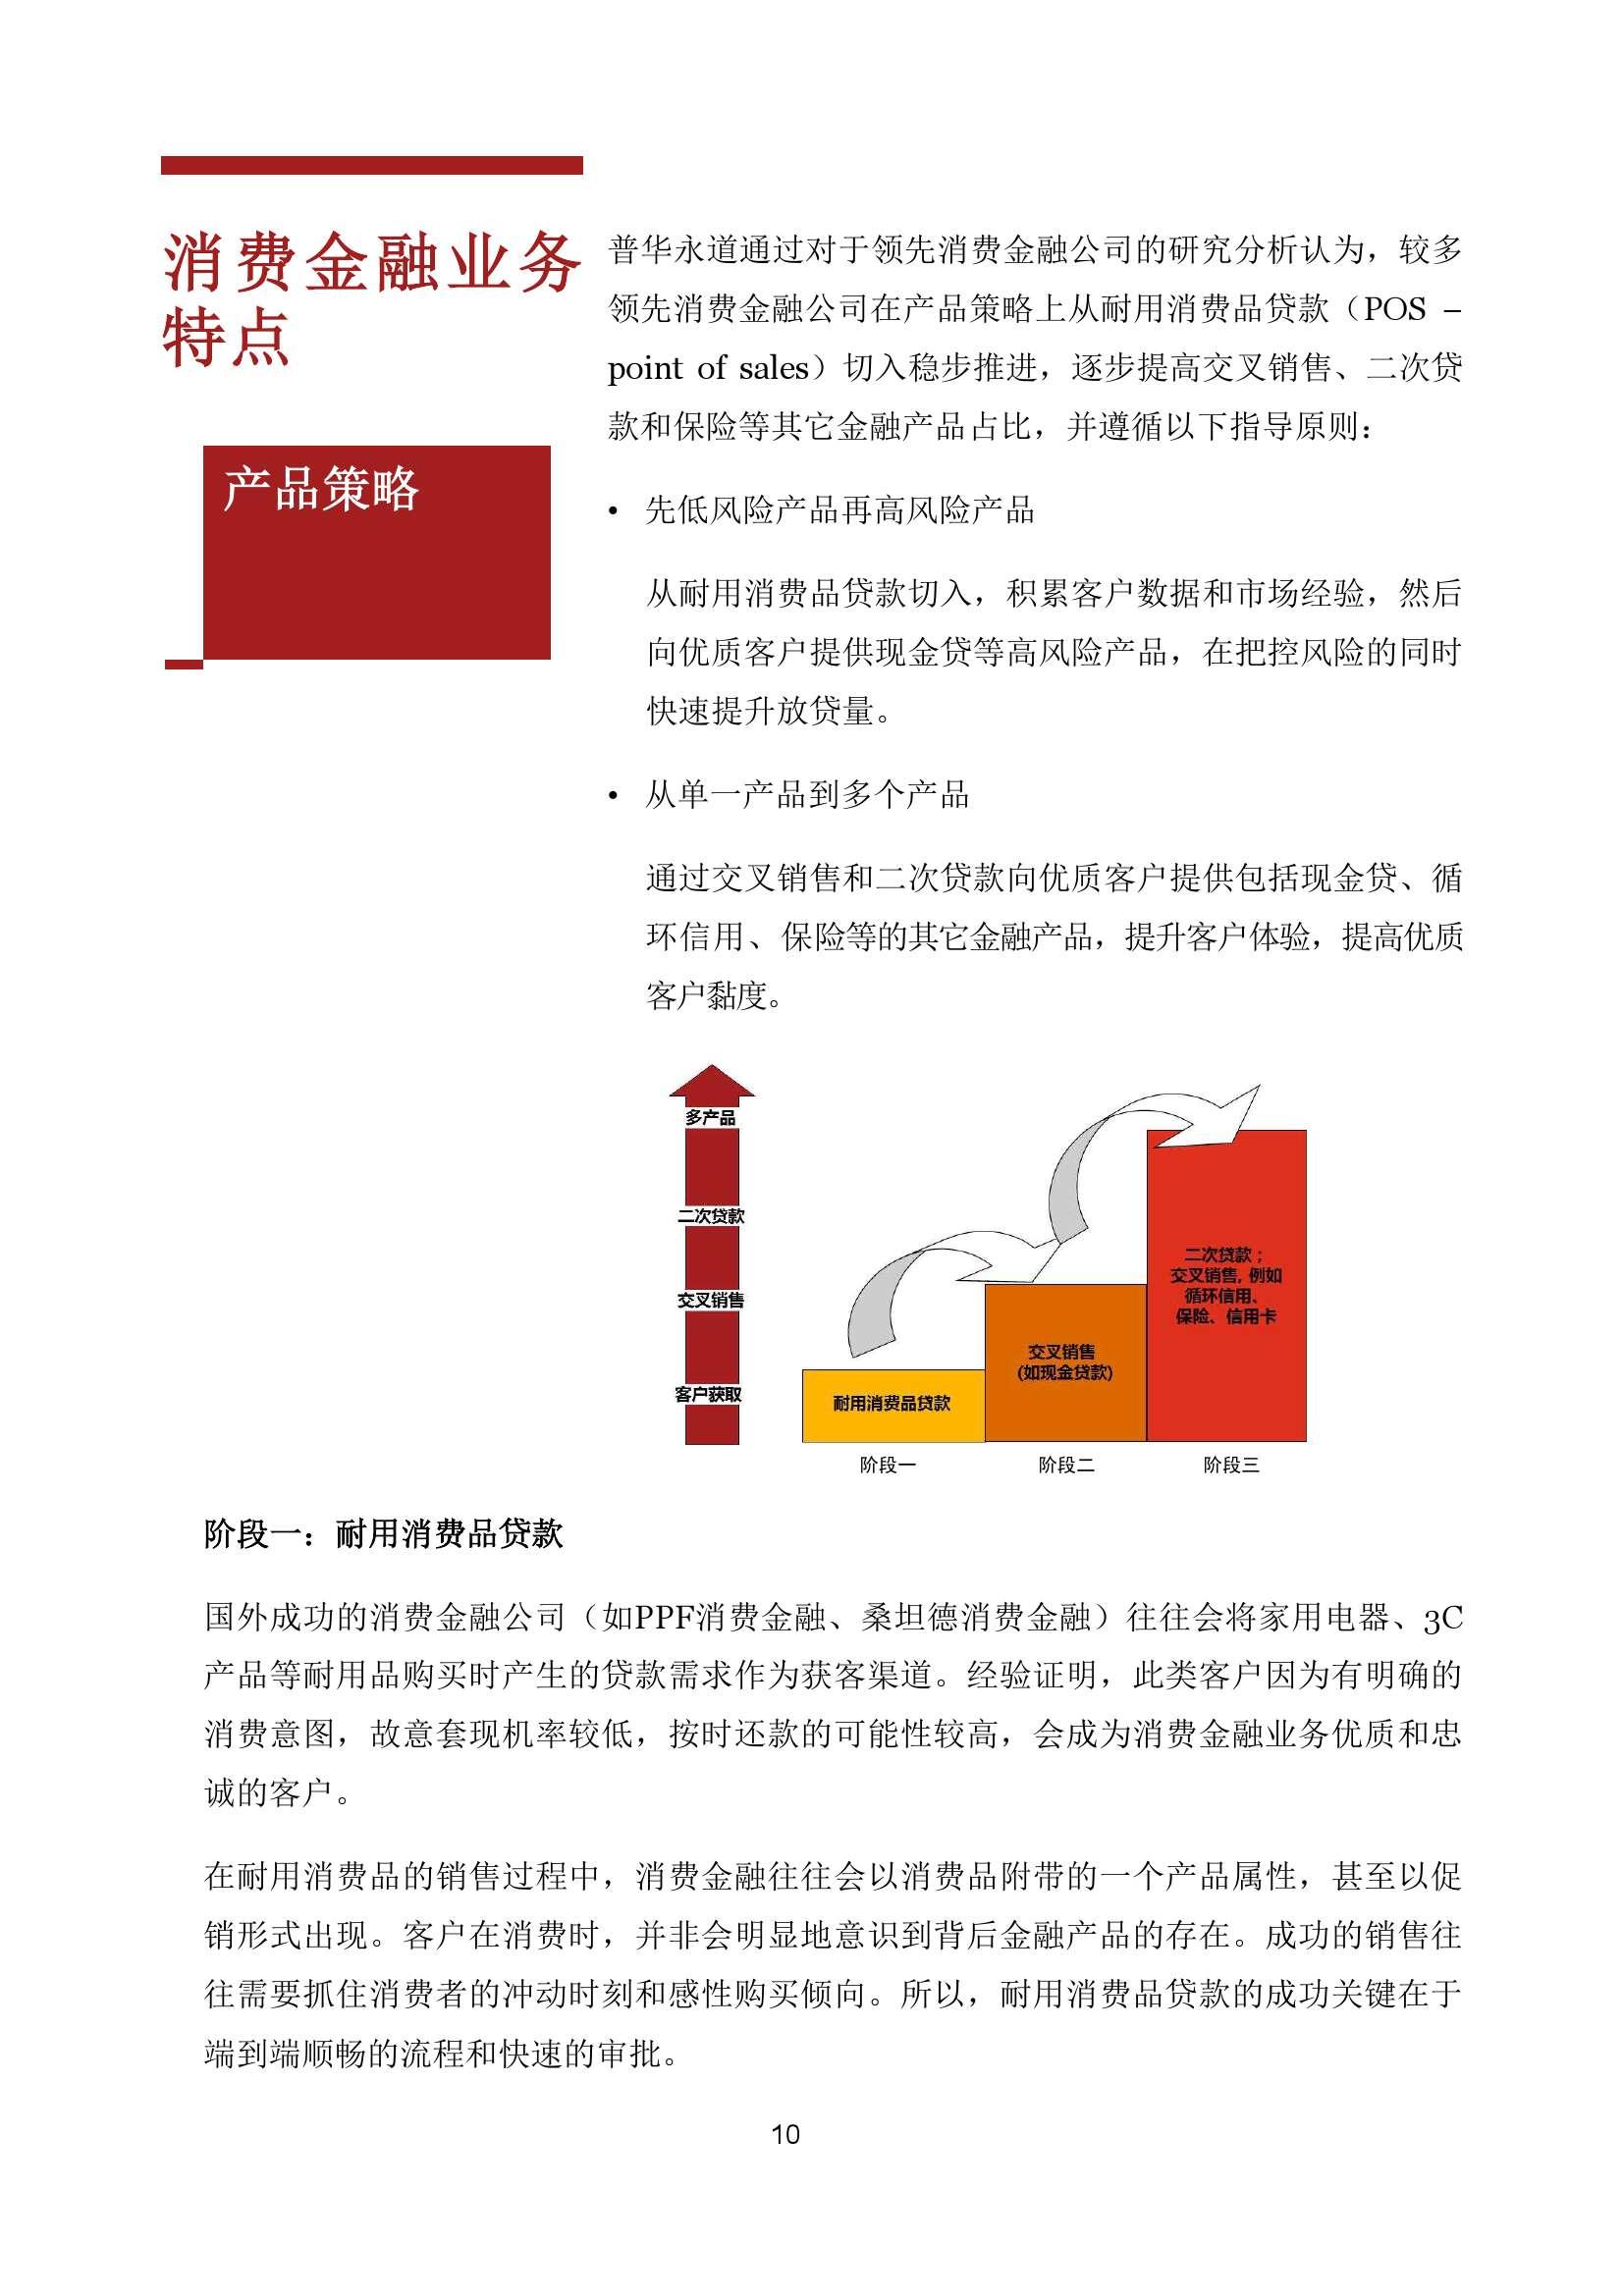 中国零售银行的蓝海_000010